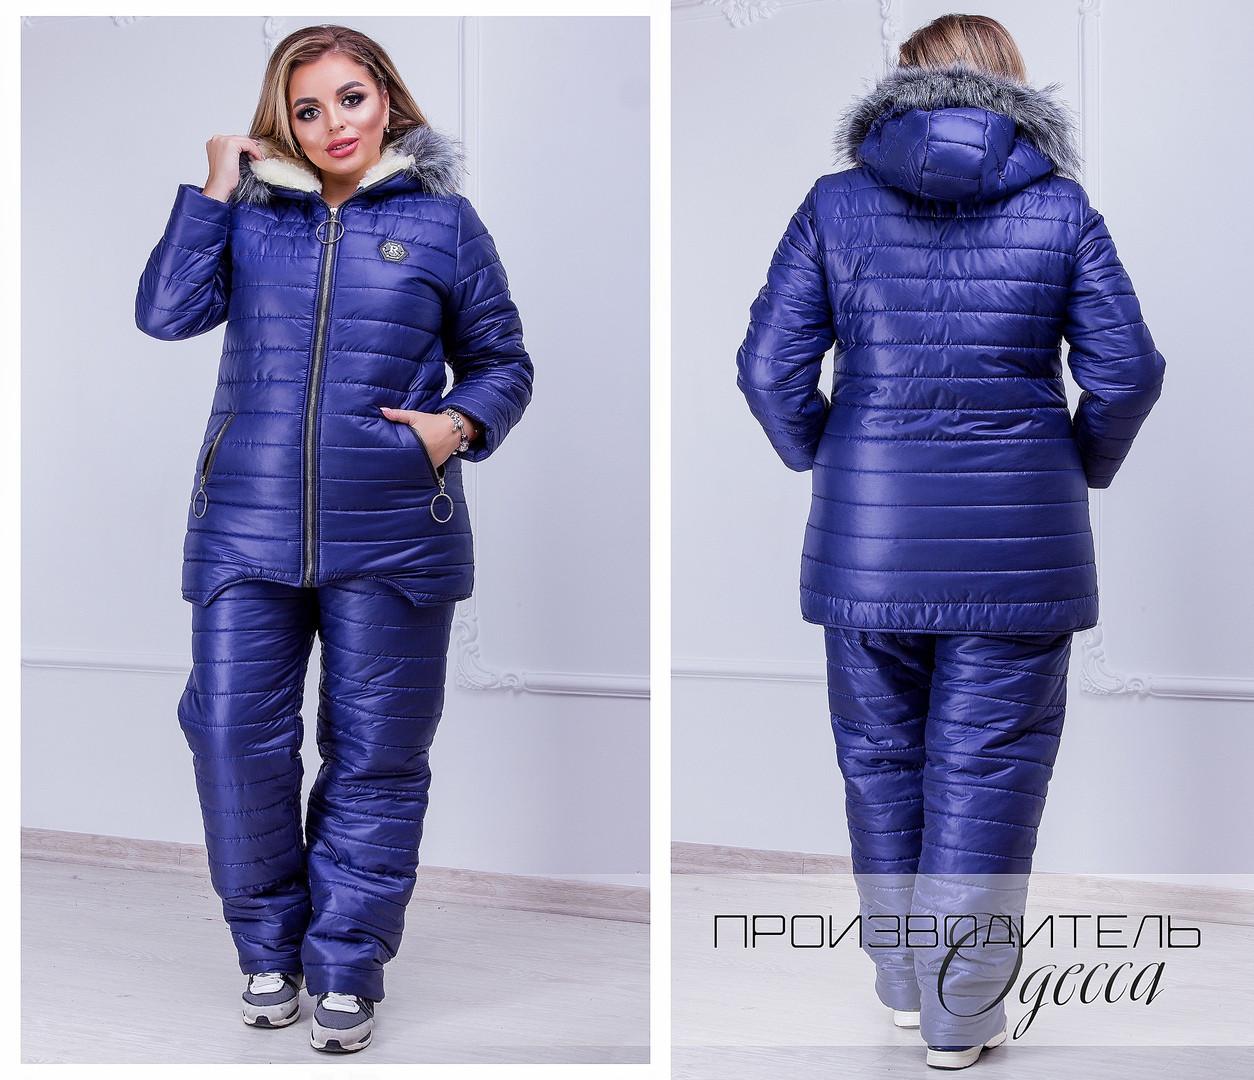 d37483bcbc35f Зимний костюм больших размеров для женщин в Украине - Beatrissa-shop -  оптовый интернет-